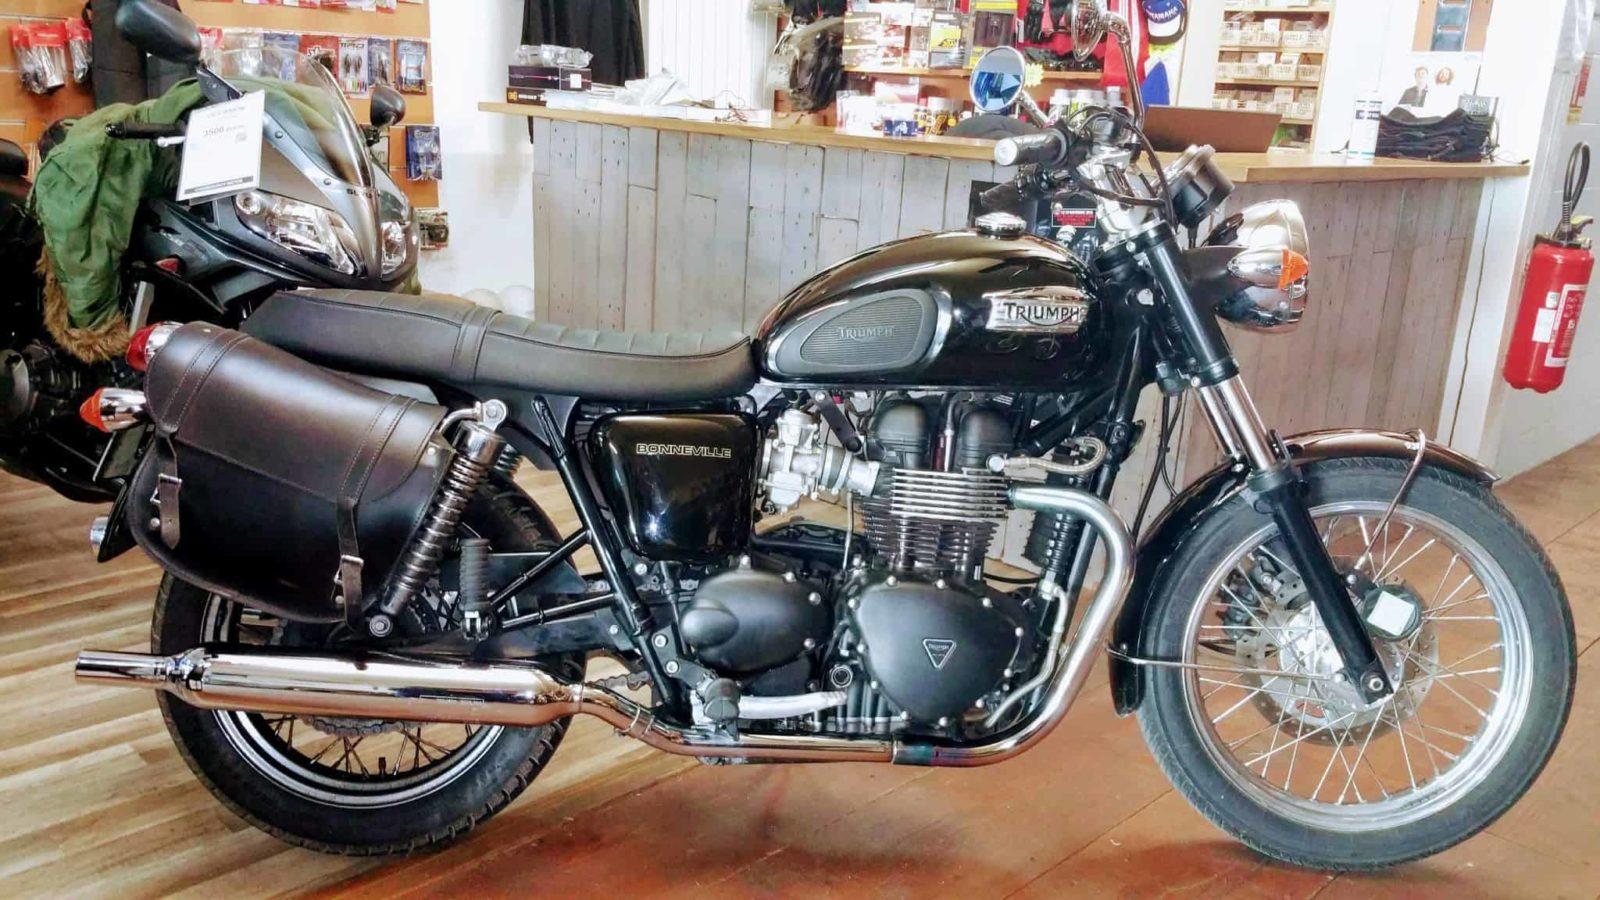 Vendue ! Triumph Bonneville 865 T100 – 6500€